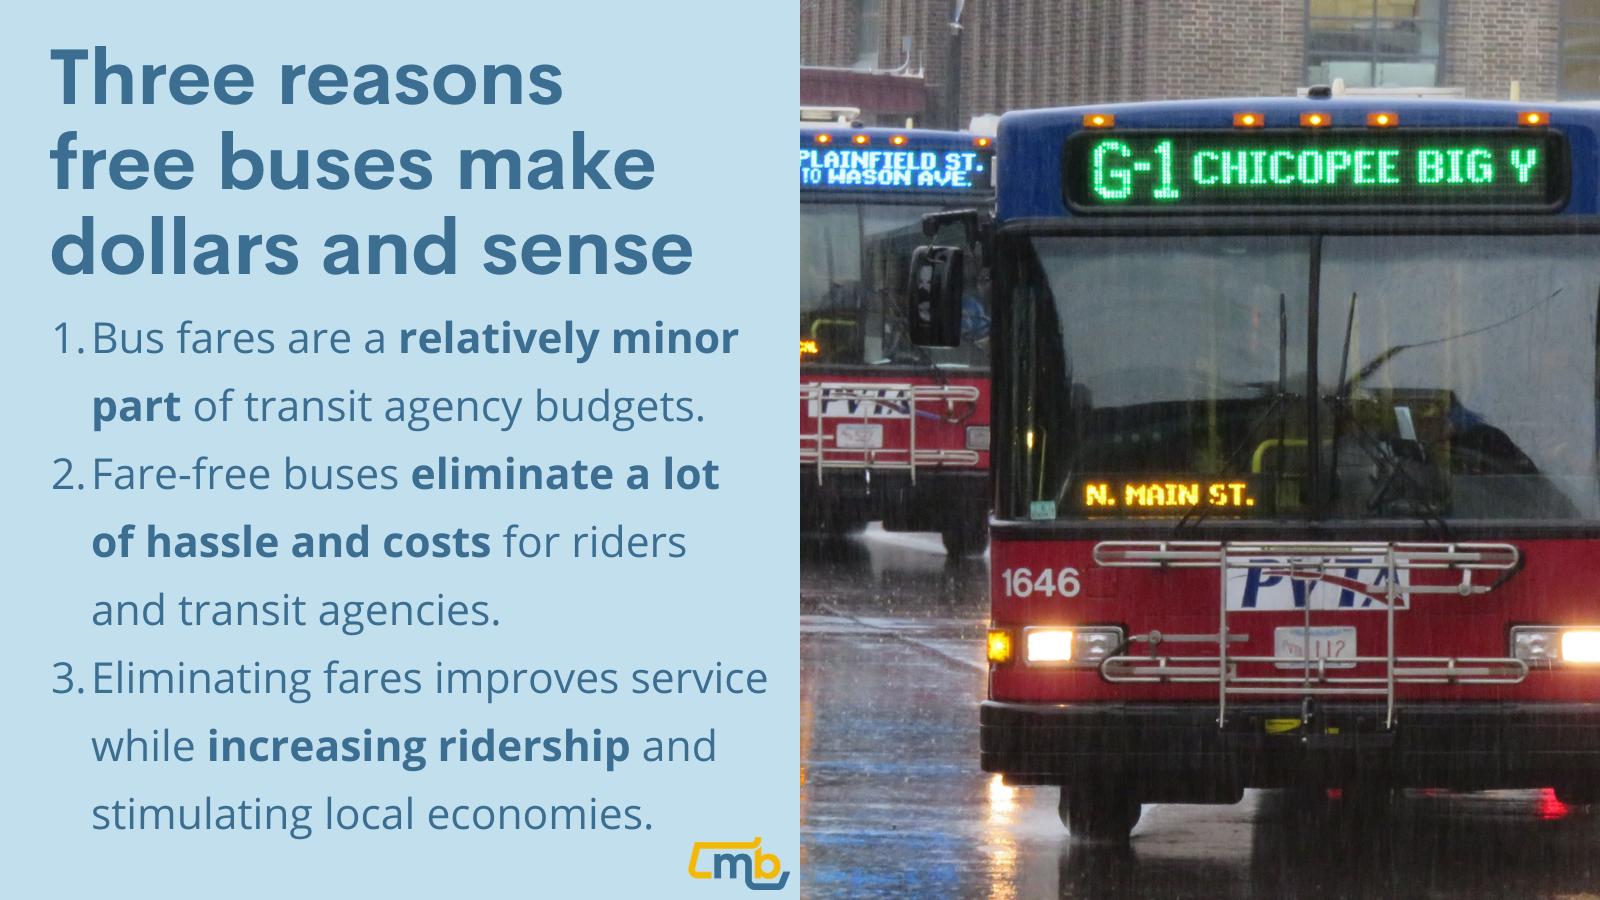 Three reasons free buses make dollars and sense